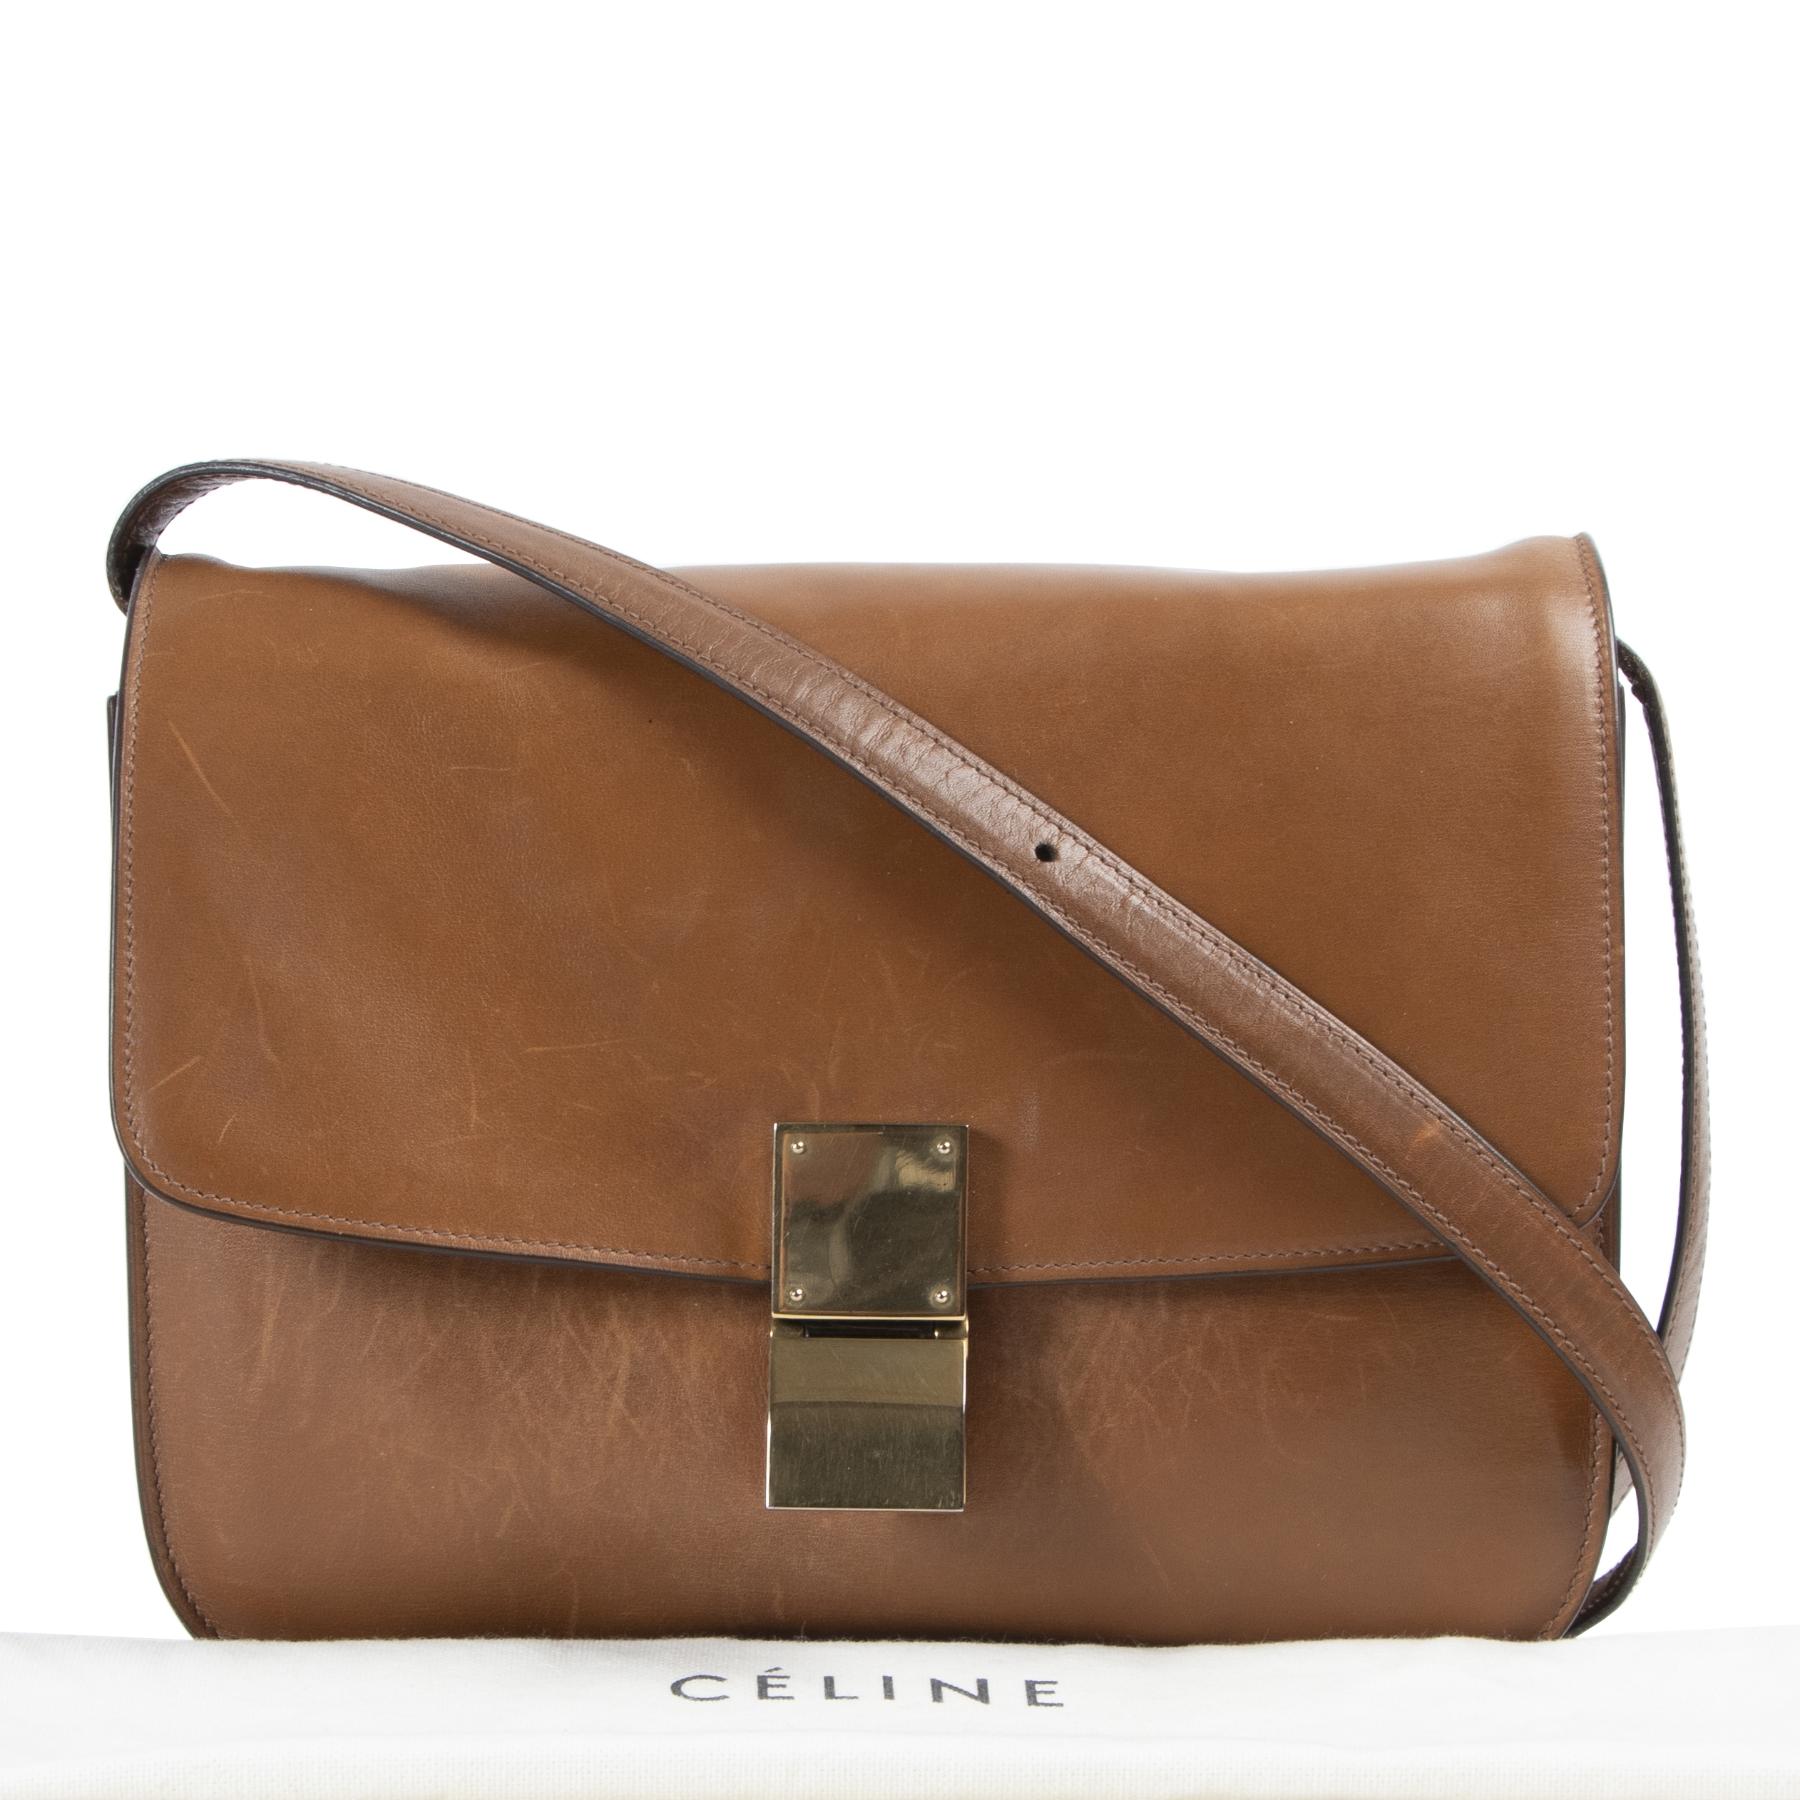 koop online tegen de beste prijs Céline Cognac Leather Box Bag